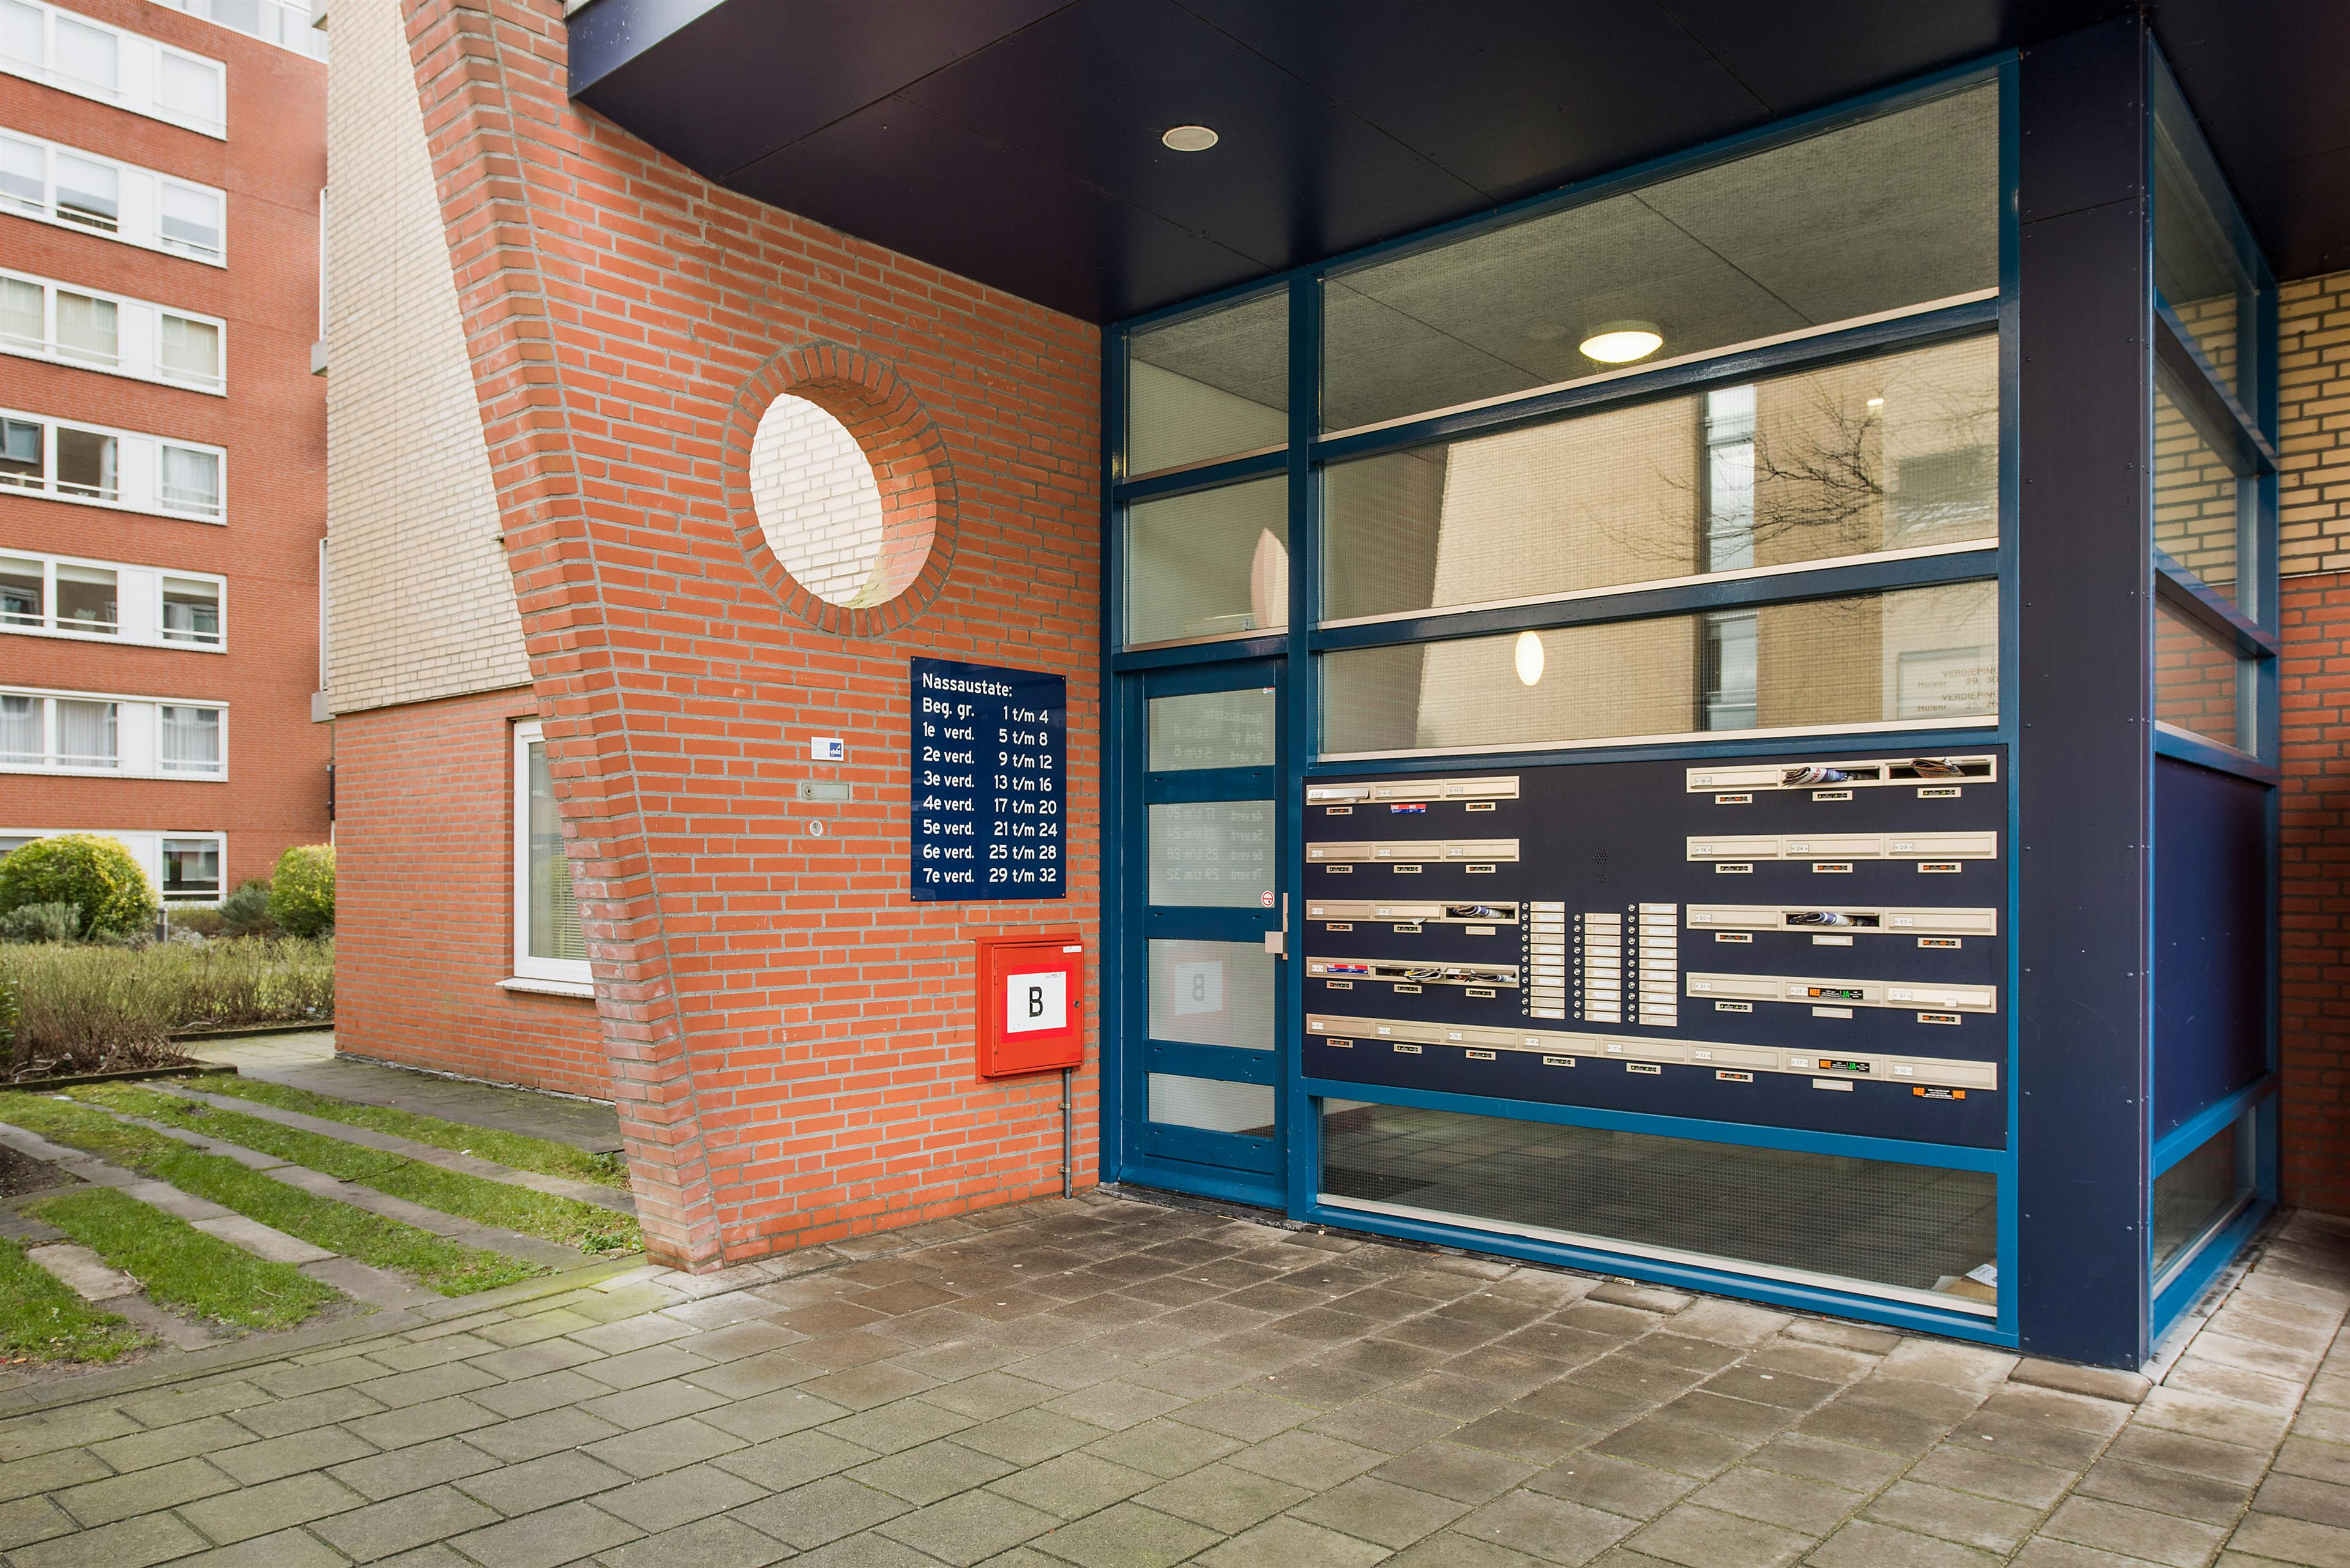 Best Gordijnen Roermond Images - Trend Ideas 2018 ...